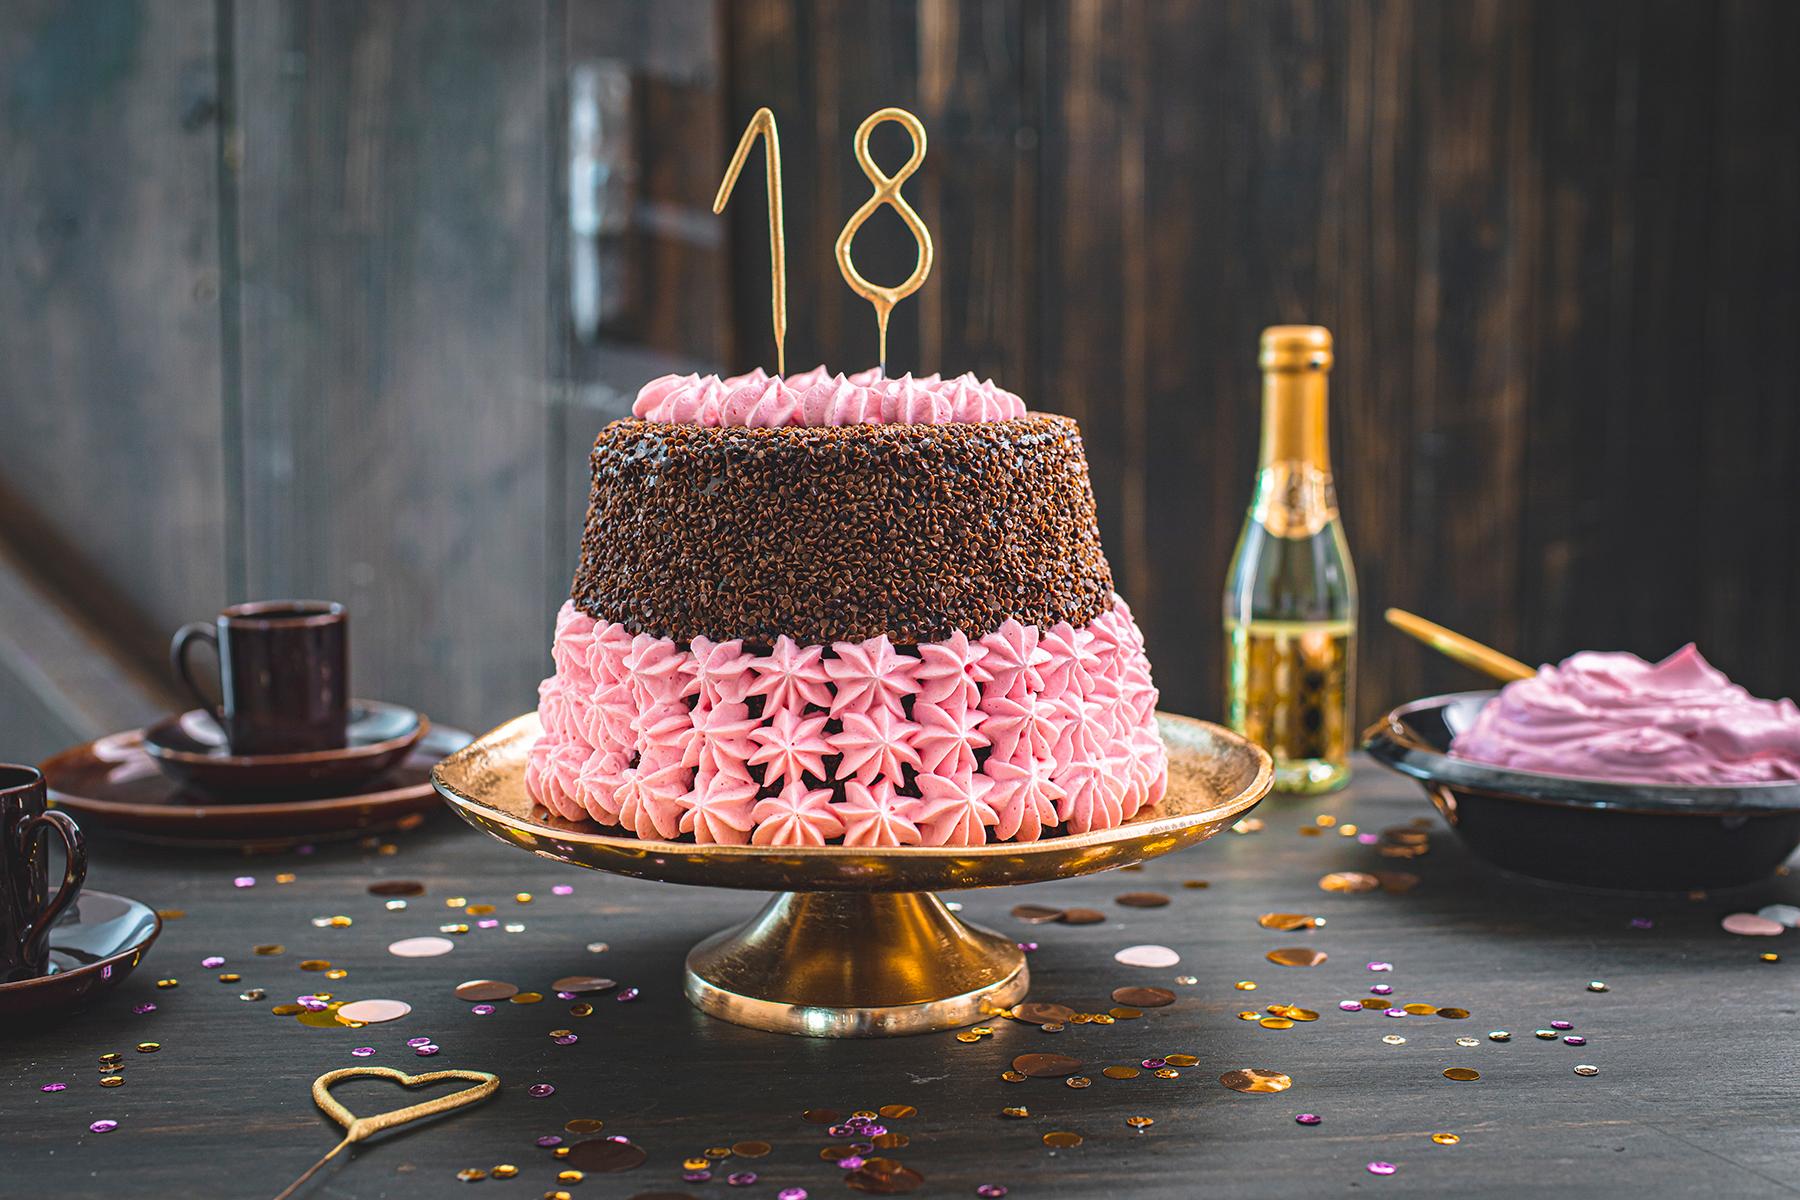 Torte zum 18. Geburtstag: Schokoladentorte mit Wunderkerzen